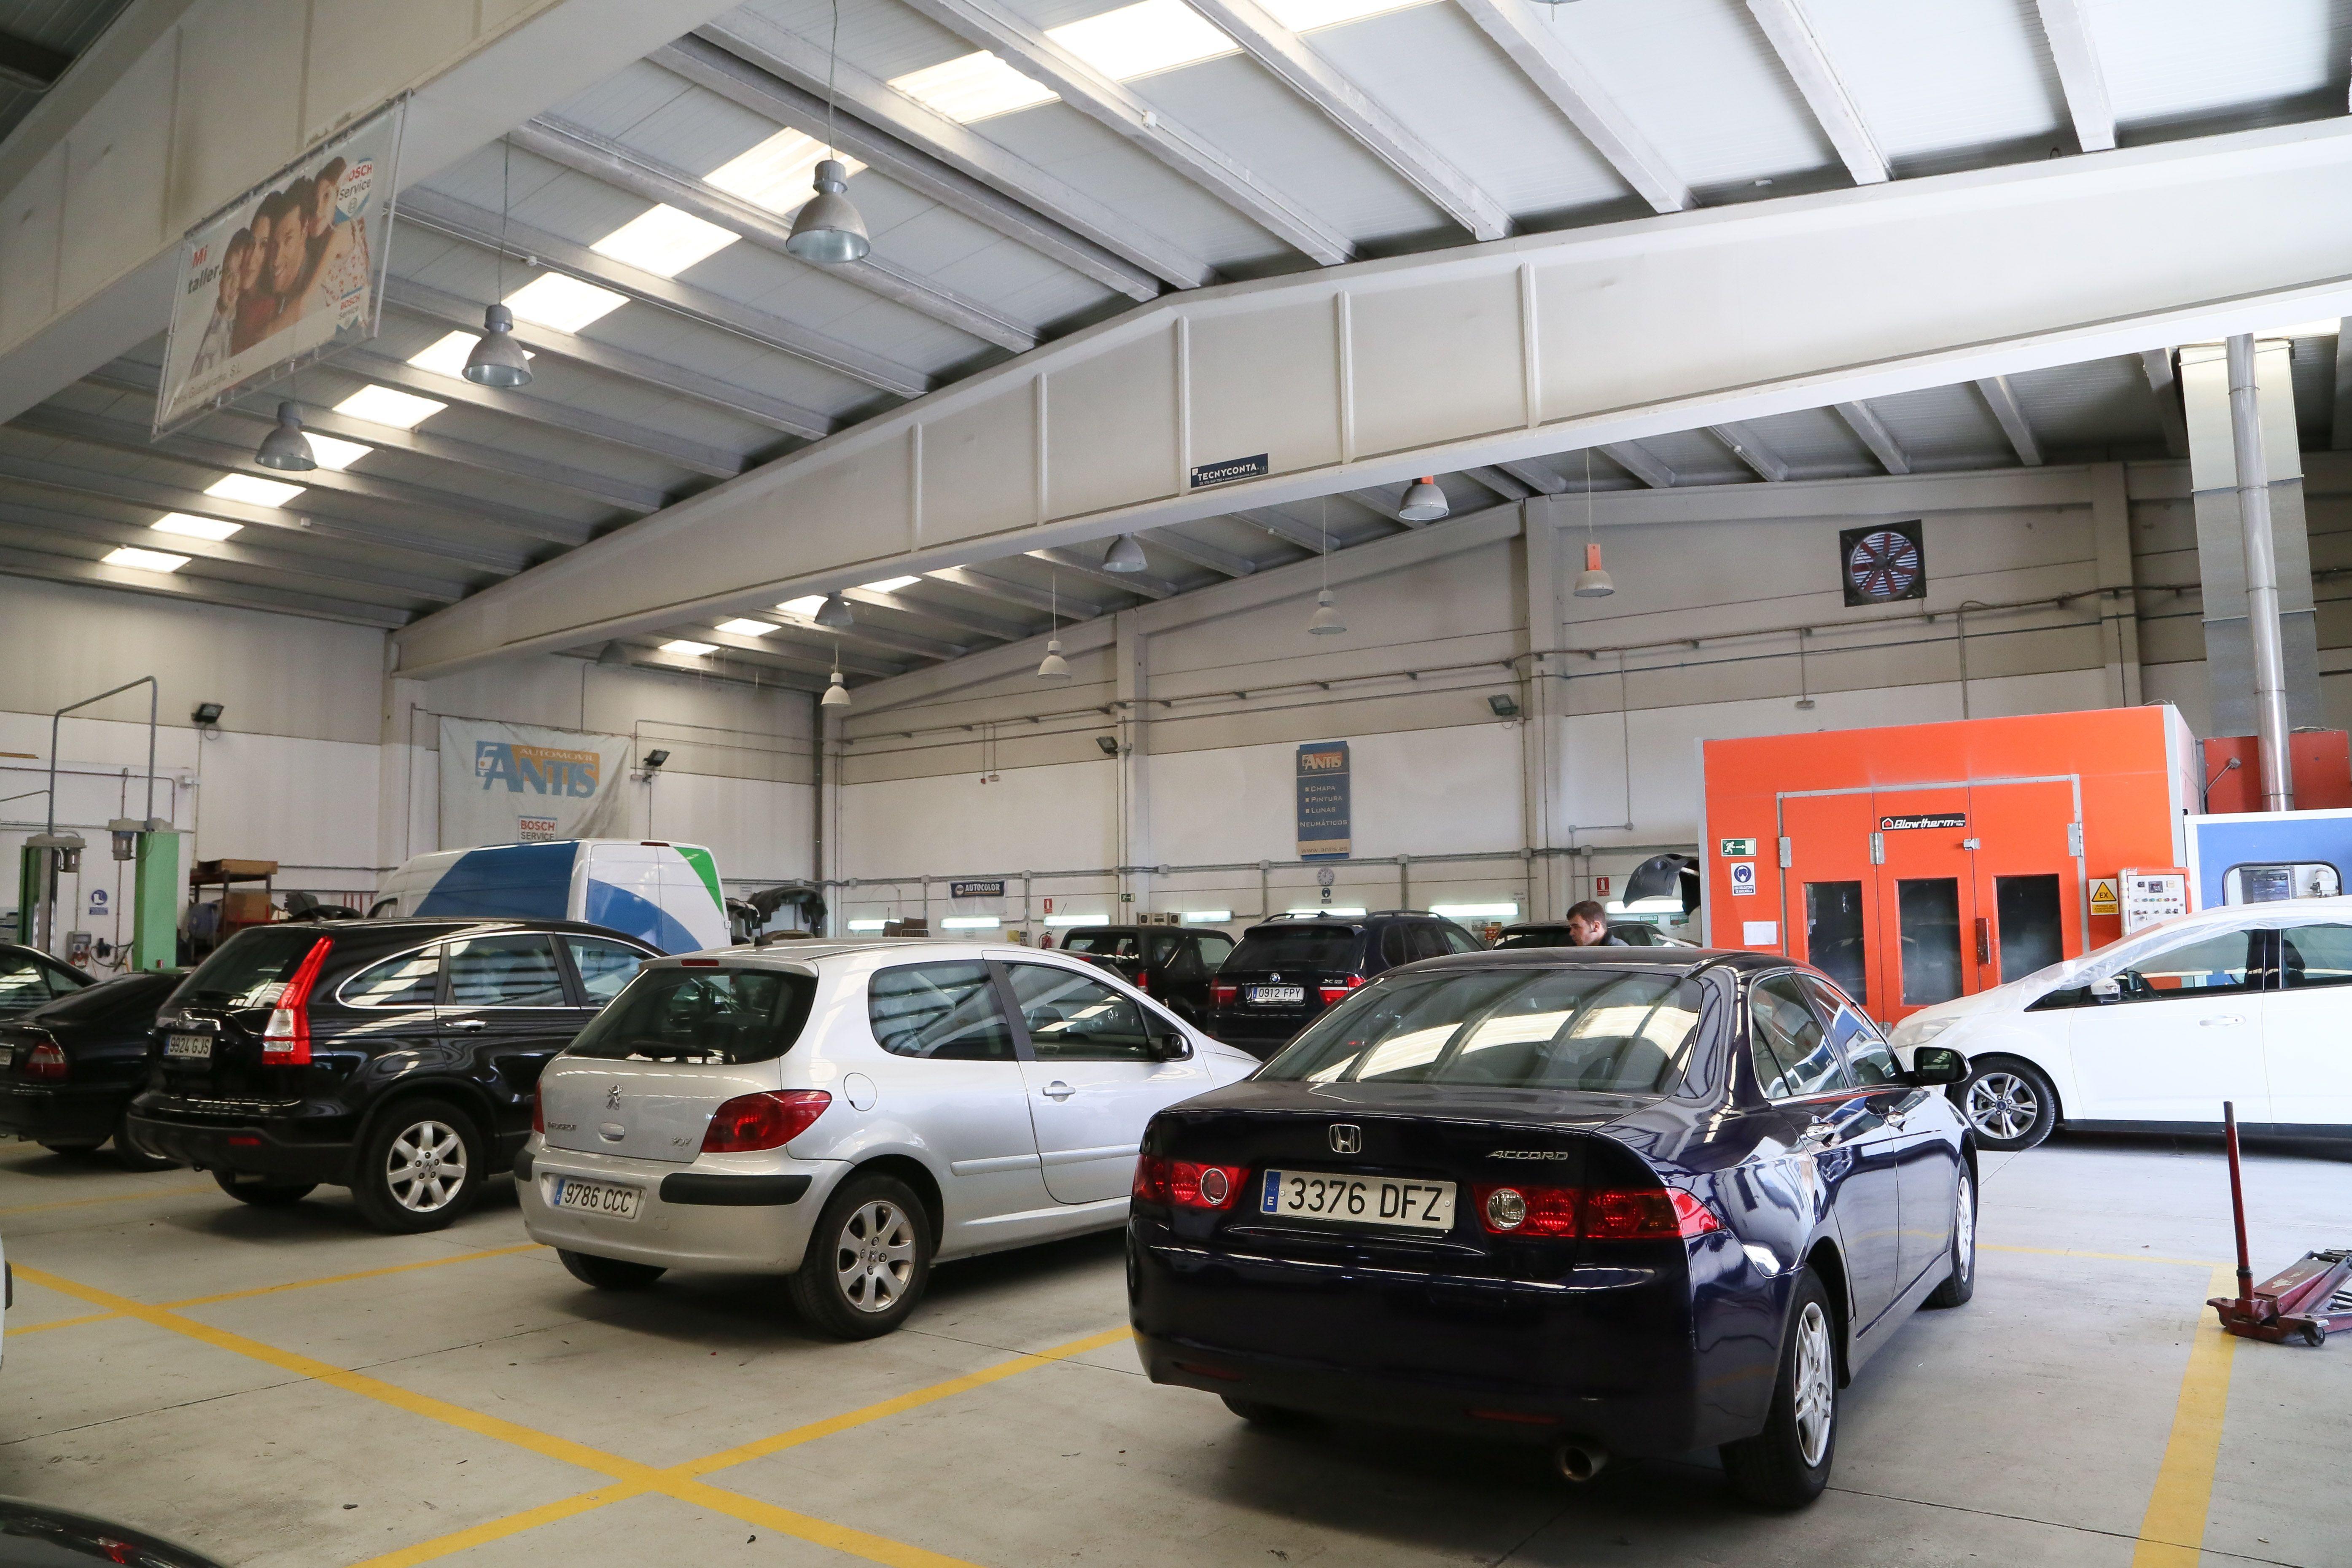 Foto 13 de Compraventa de automóviles en Guadarrama | Talleres Antis